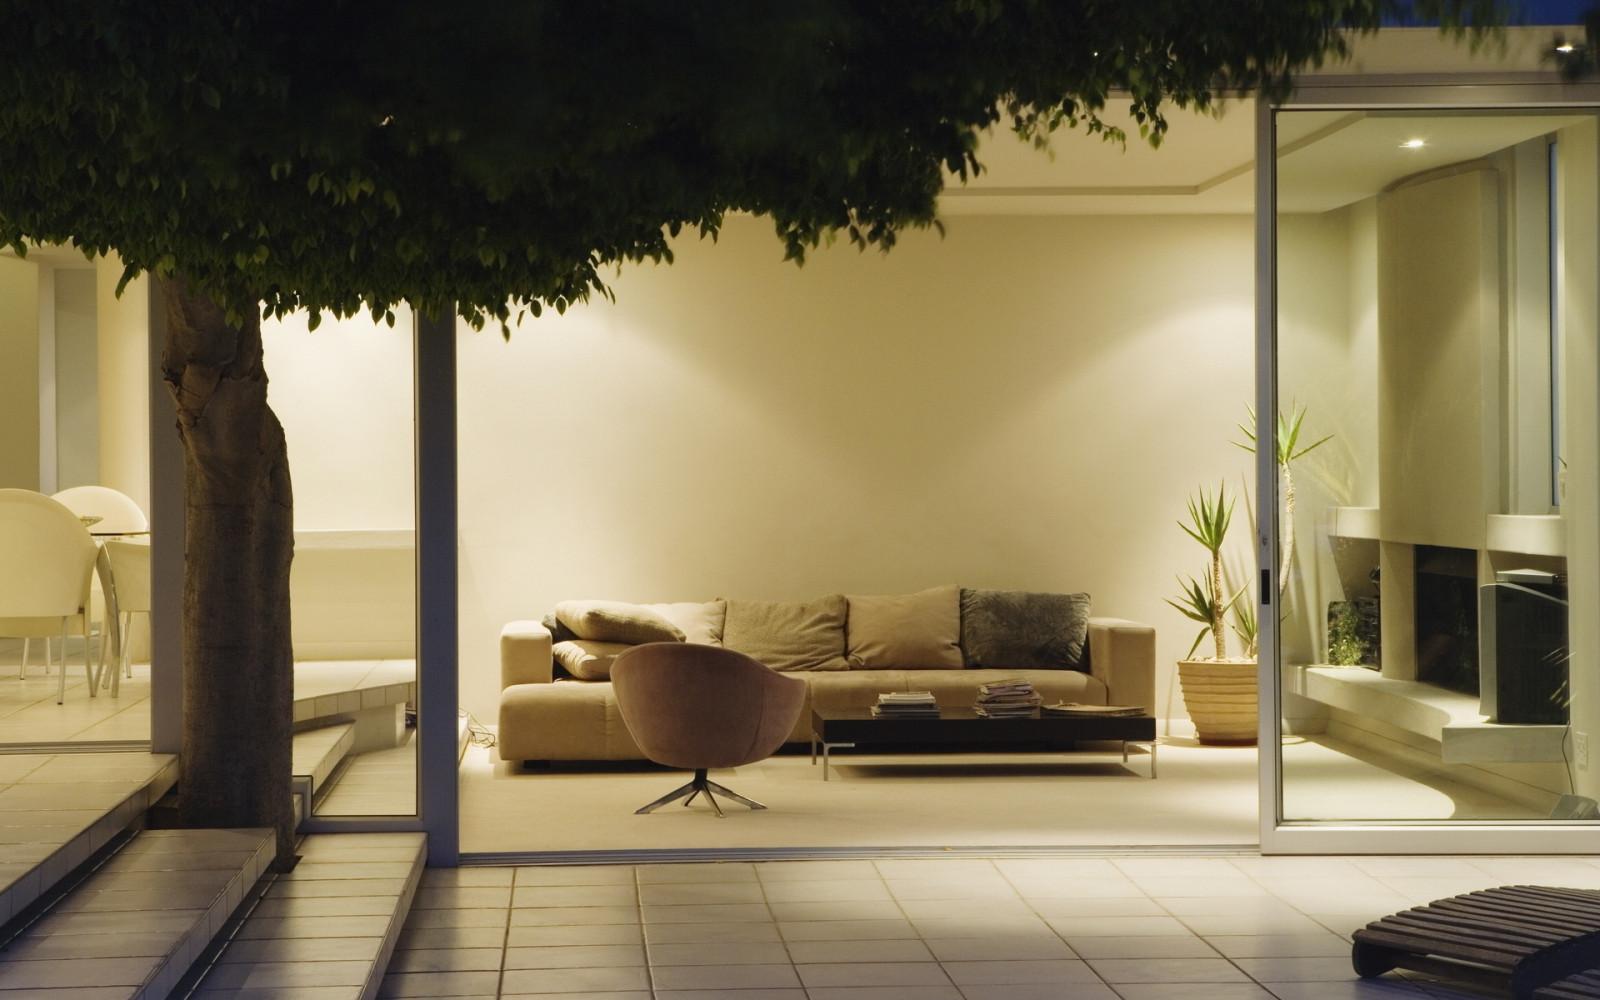 Hintergrundbilder : Blätter, Fenster, Zimmer, Pflanzen, Mauer, Holz ...